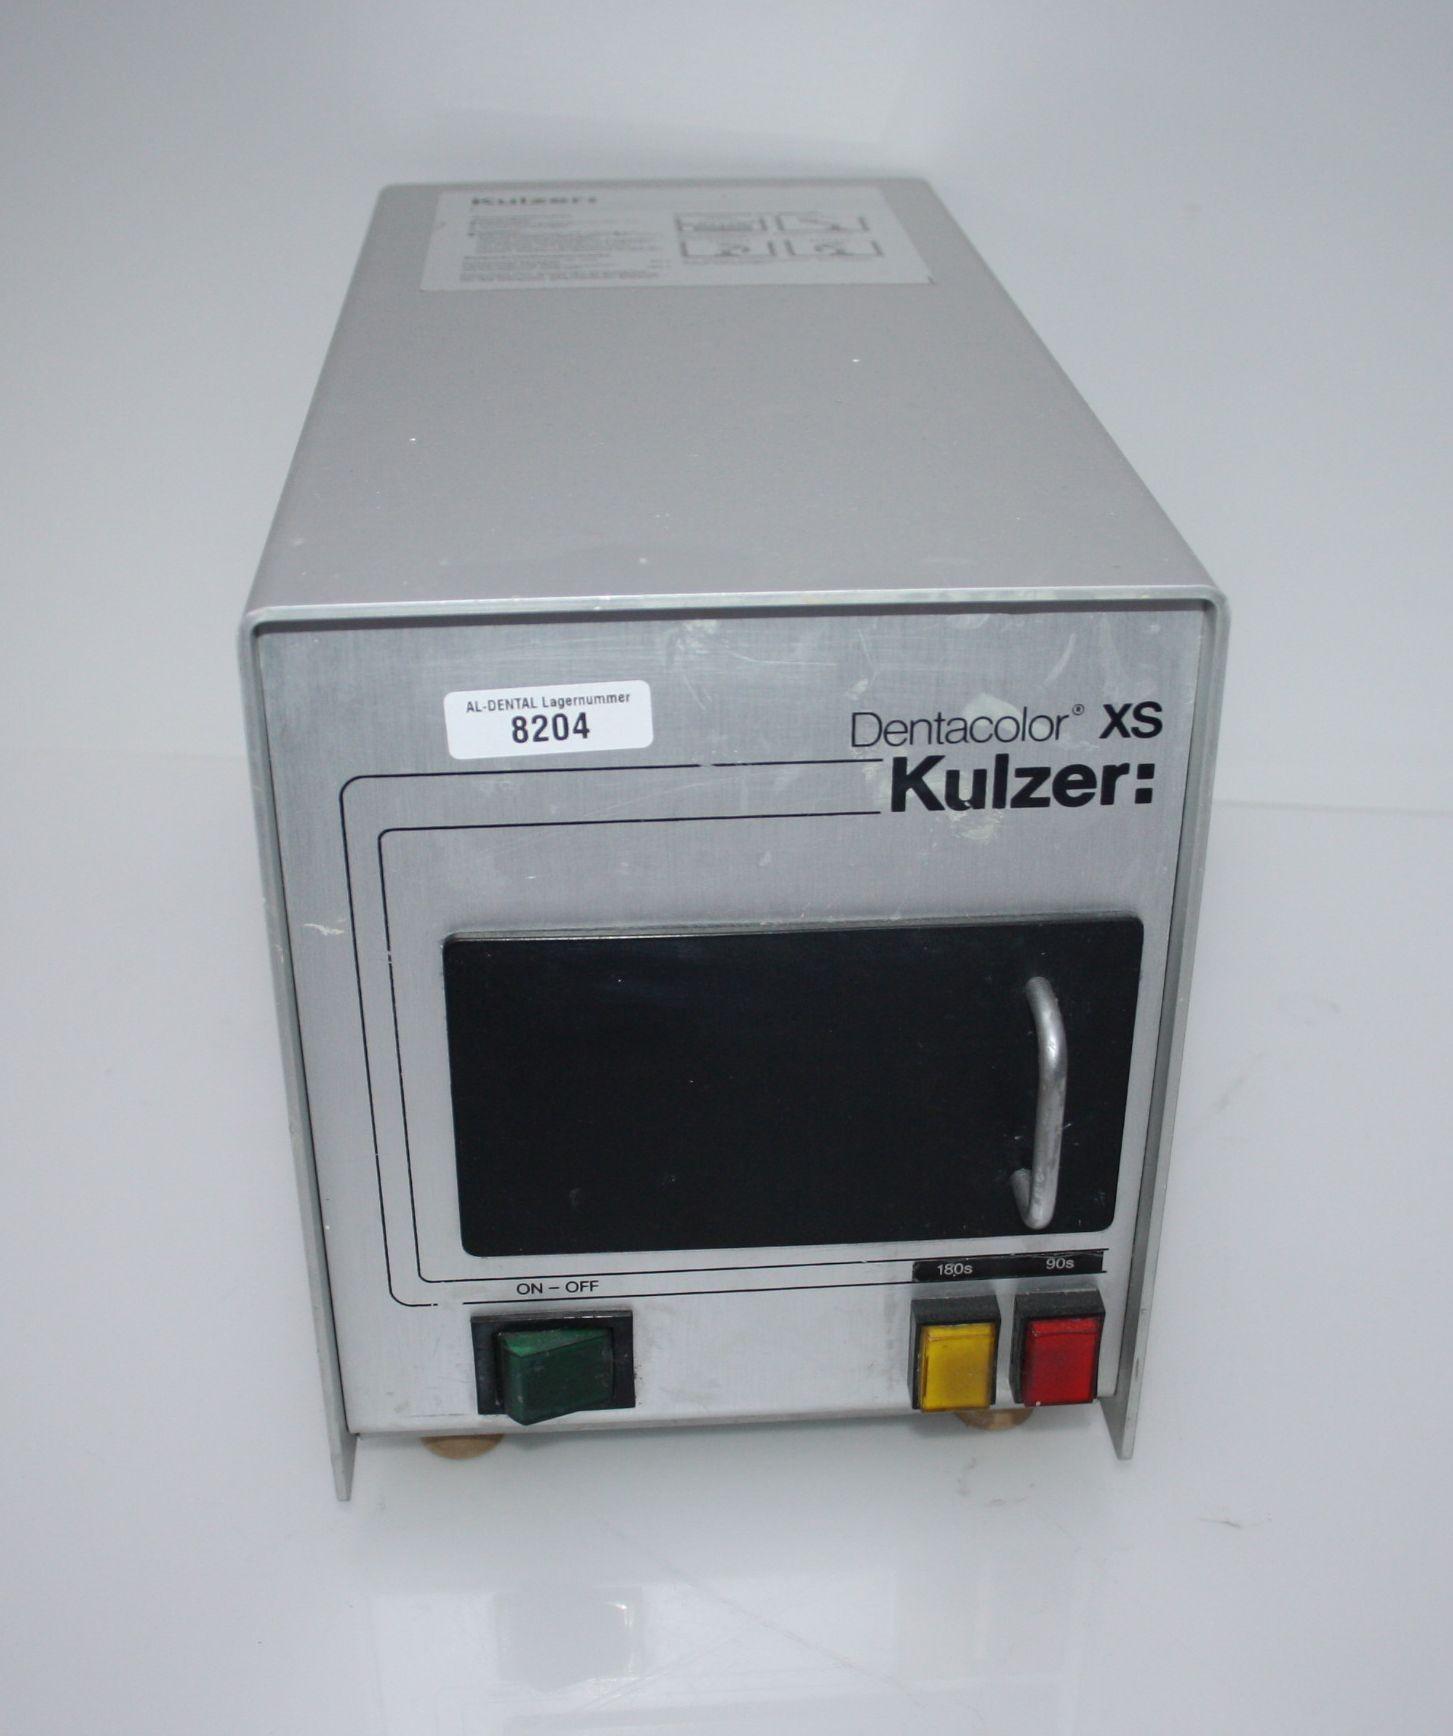 Hochleistungs-Lichtpolymerisationsgerät Dentacolor XS Kulzer # 8204